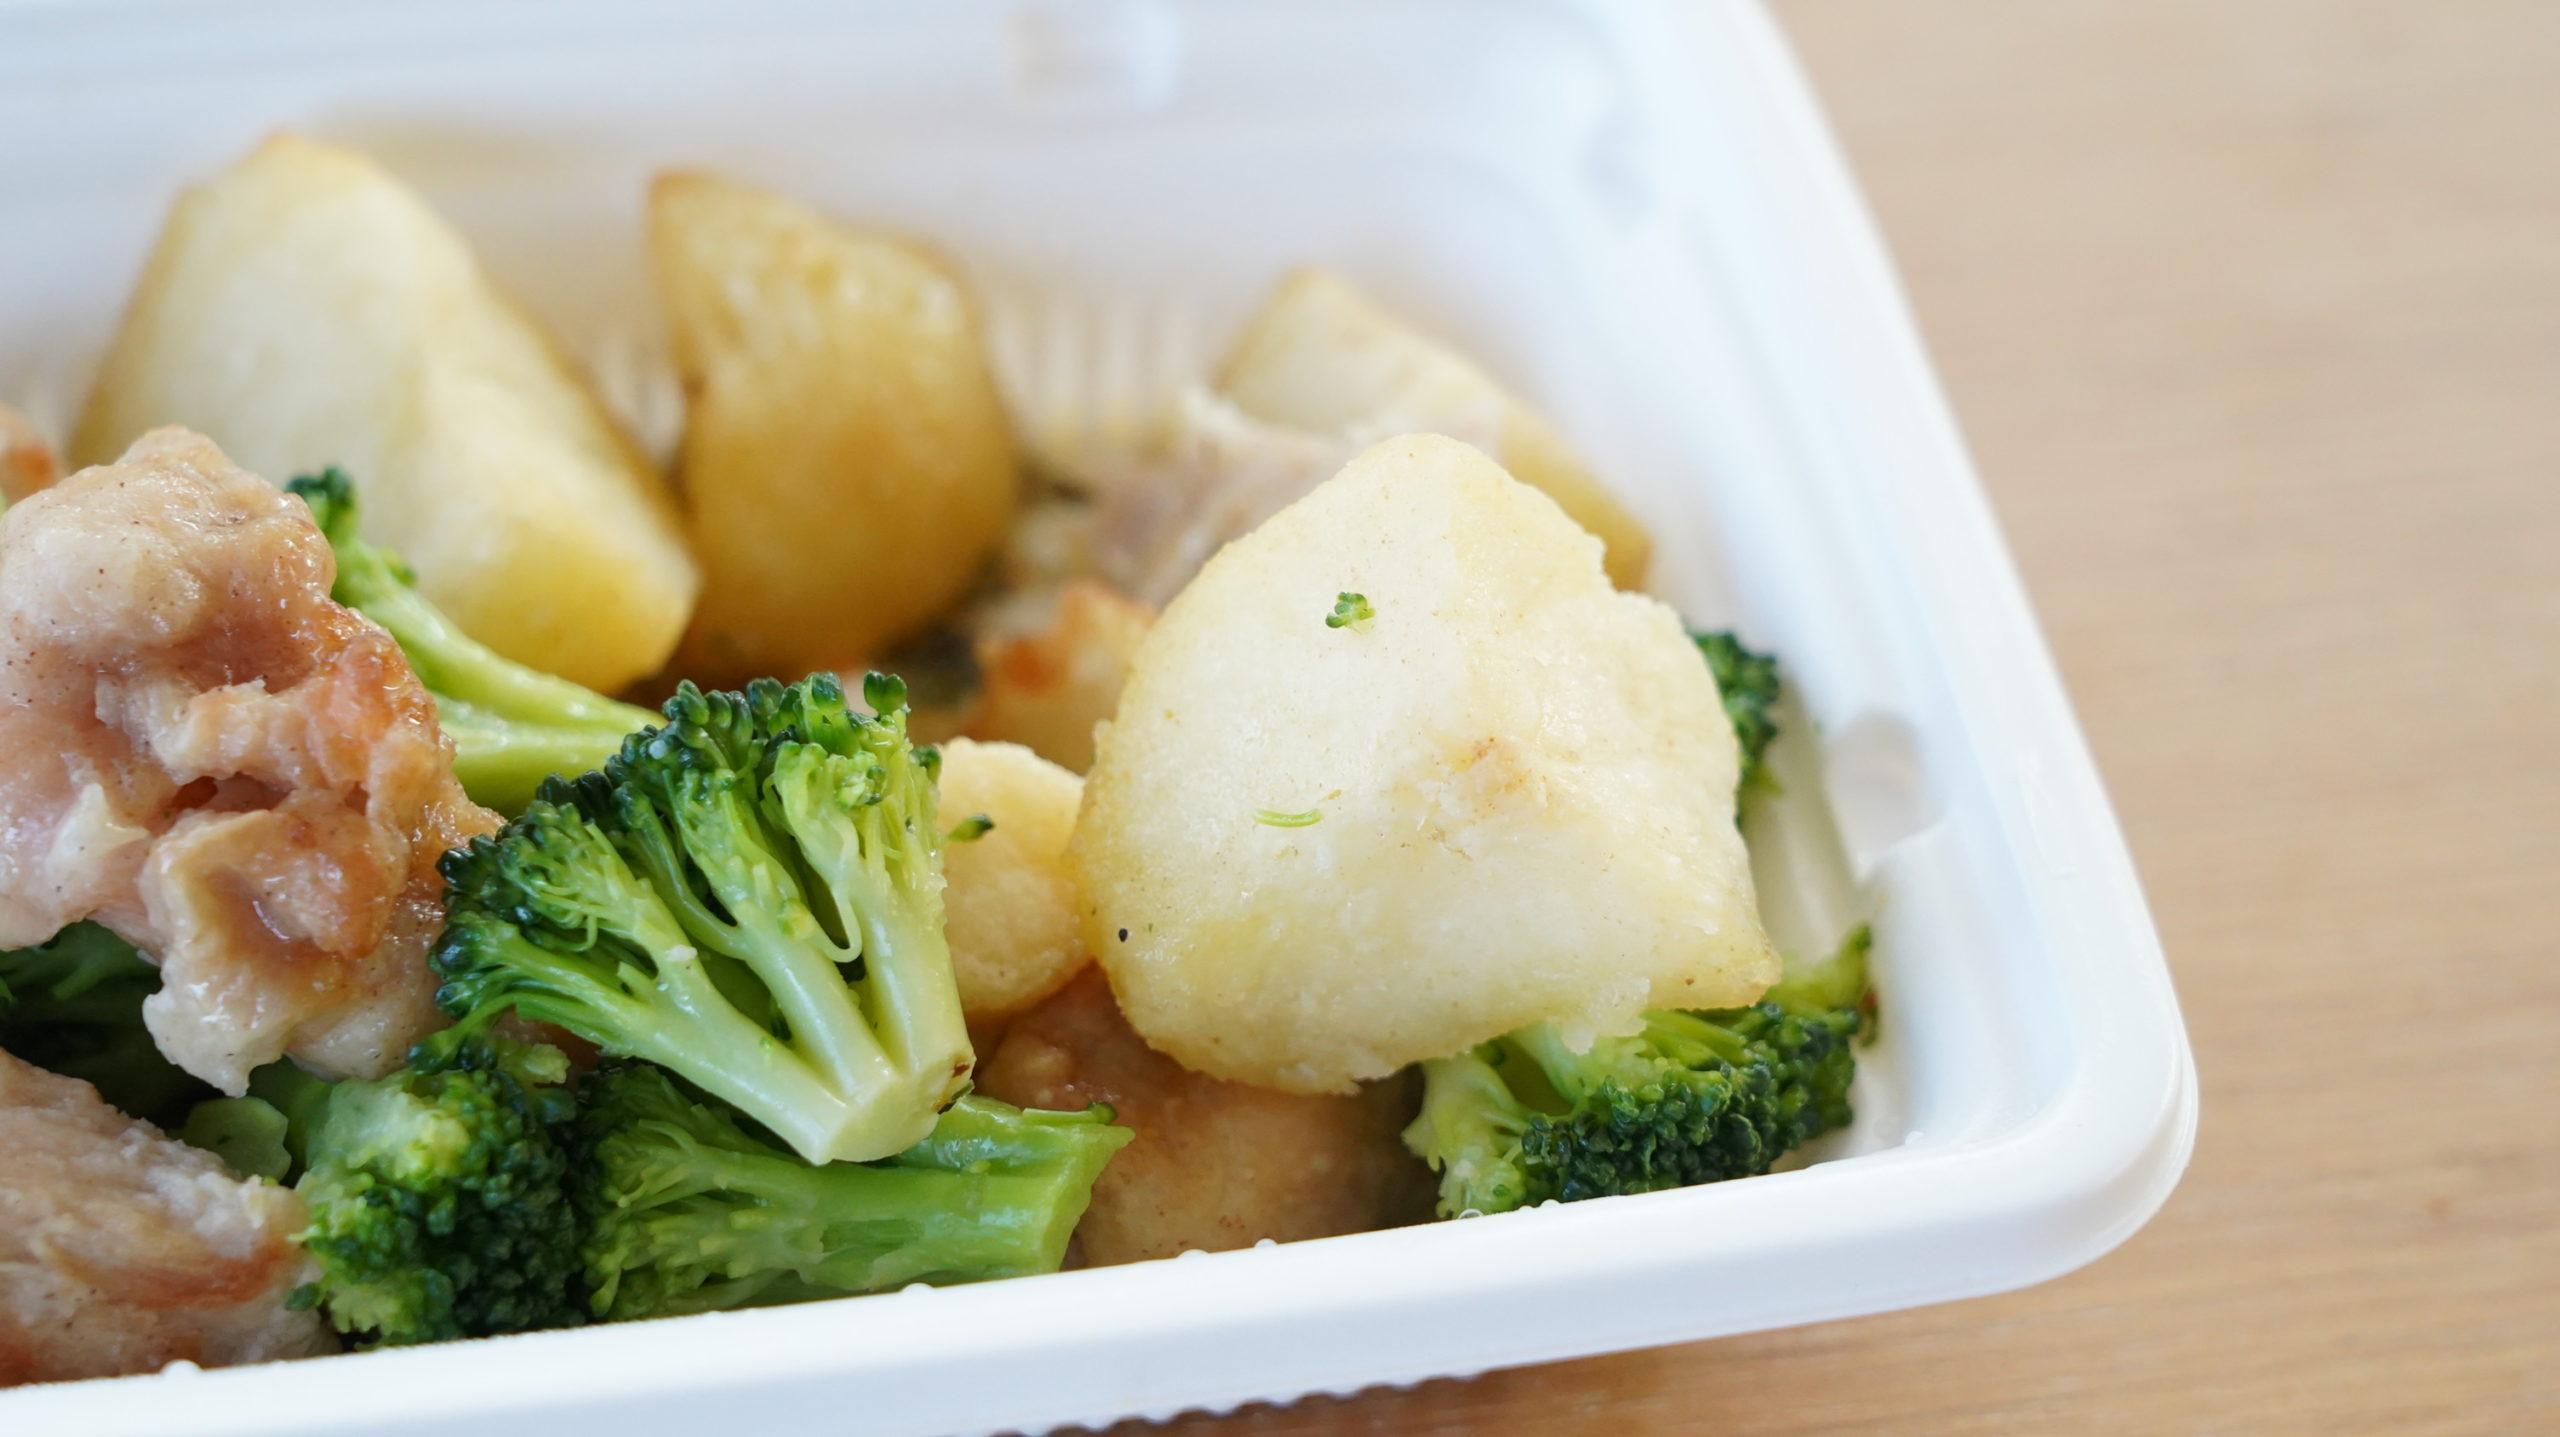 ファミリーマートの冷凍食品「野菜とチキンのアヒージョ風」の具材の写真